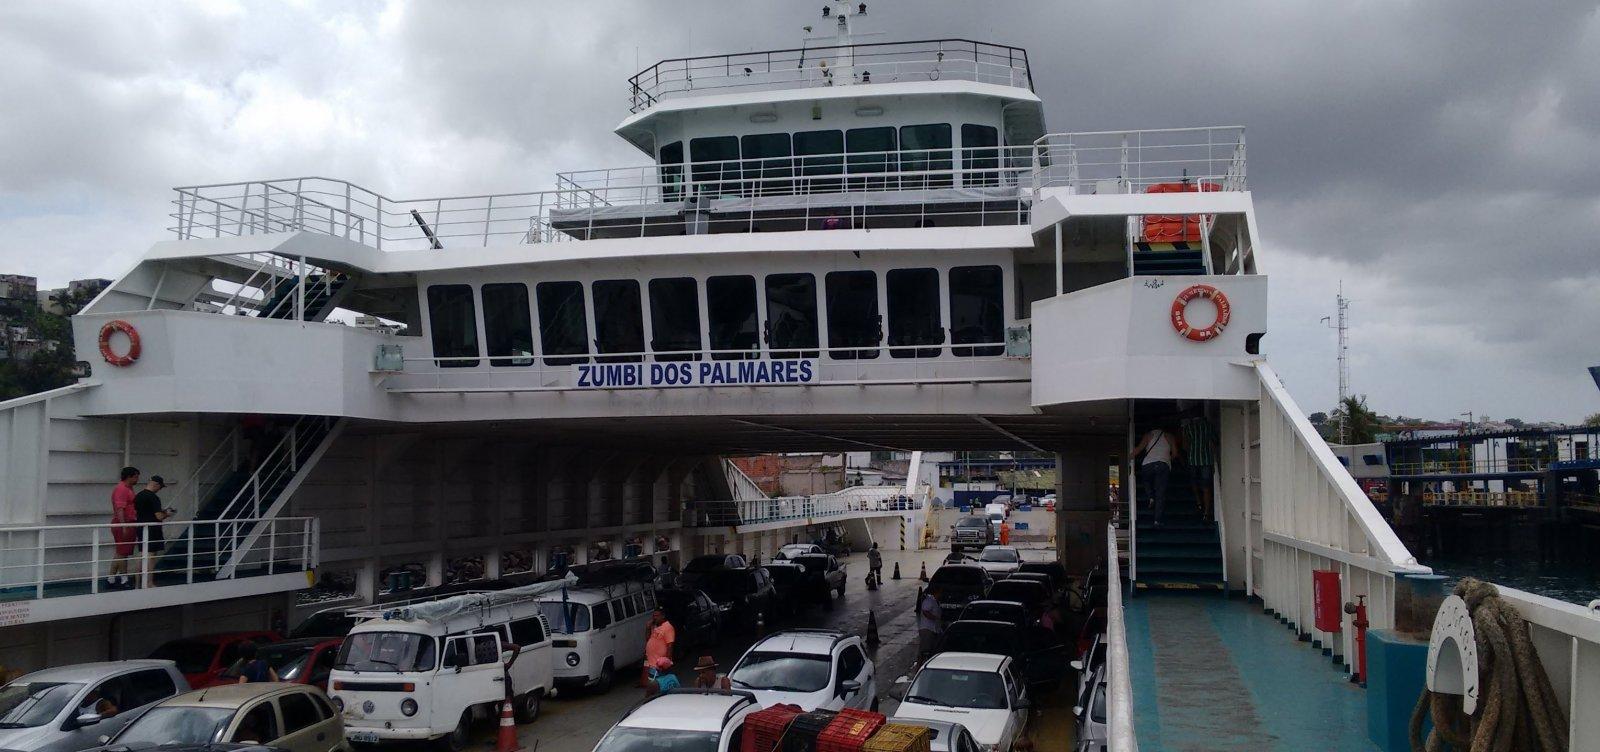 [Volta do feriado: ferry opera com sete embarcações;espera para carro é de 1h30]